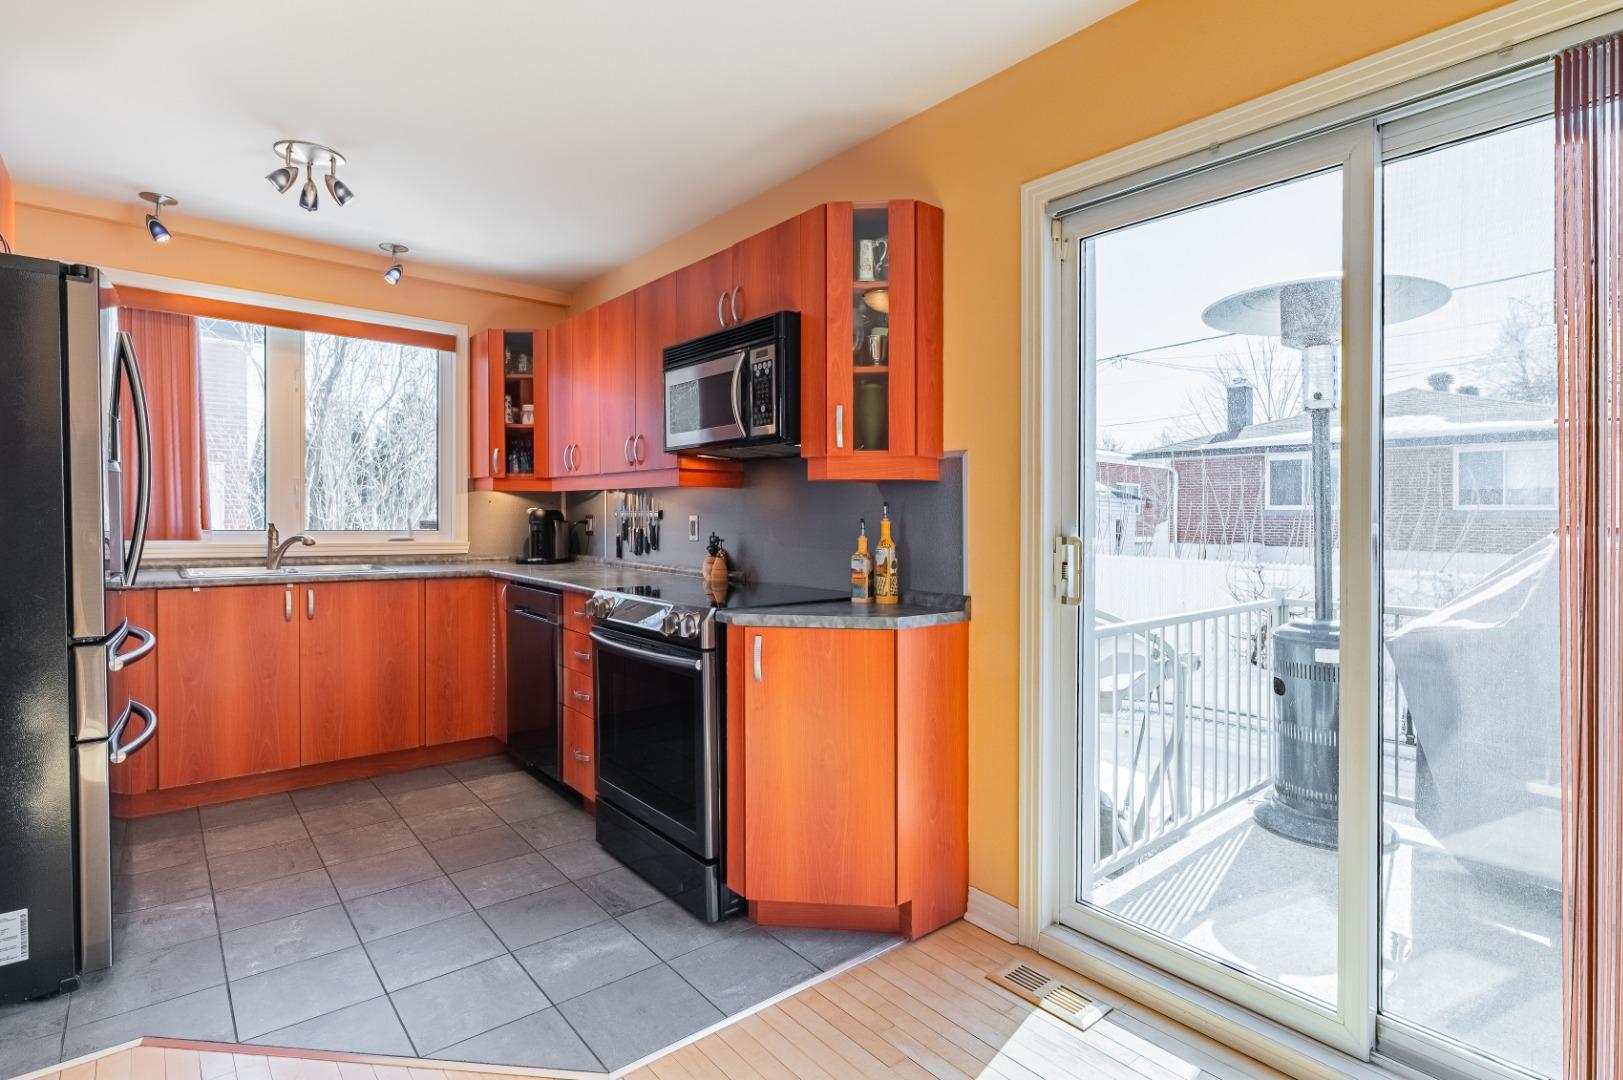 Maison_à_vendre-682_Av_Mondor-Laval-GL(9)-.jpg